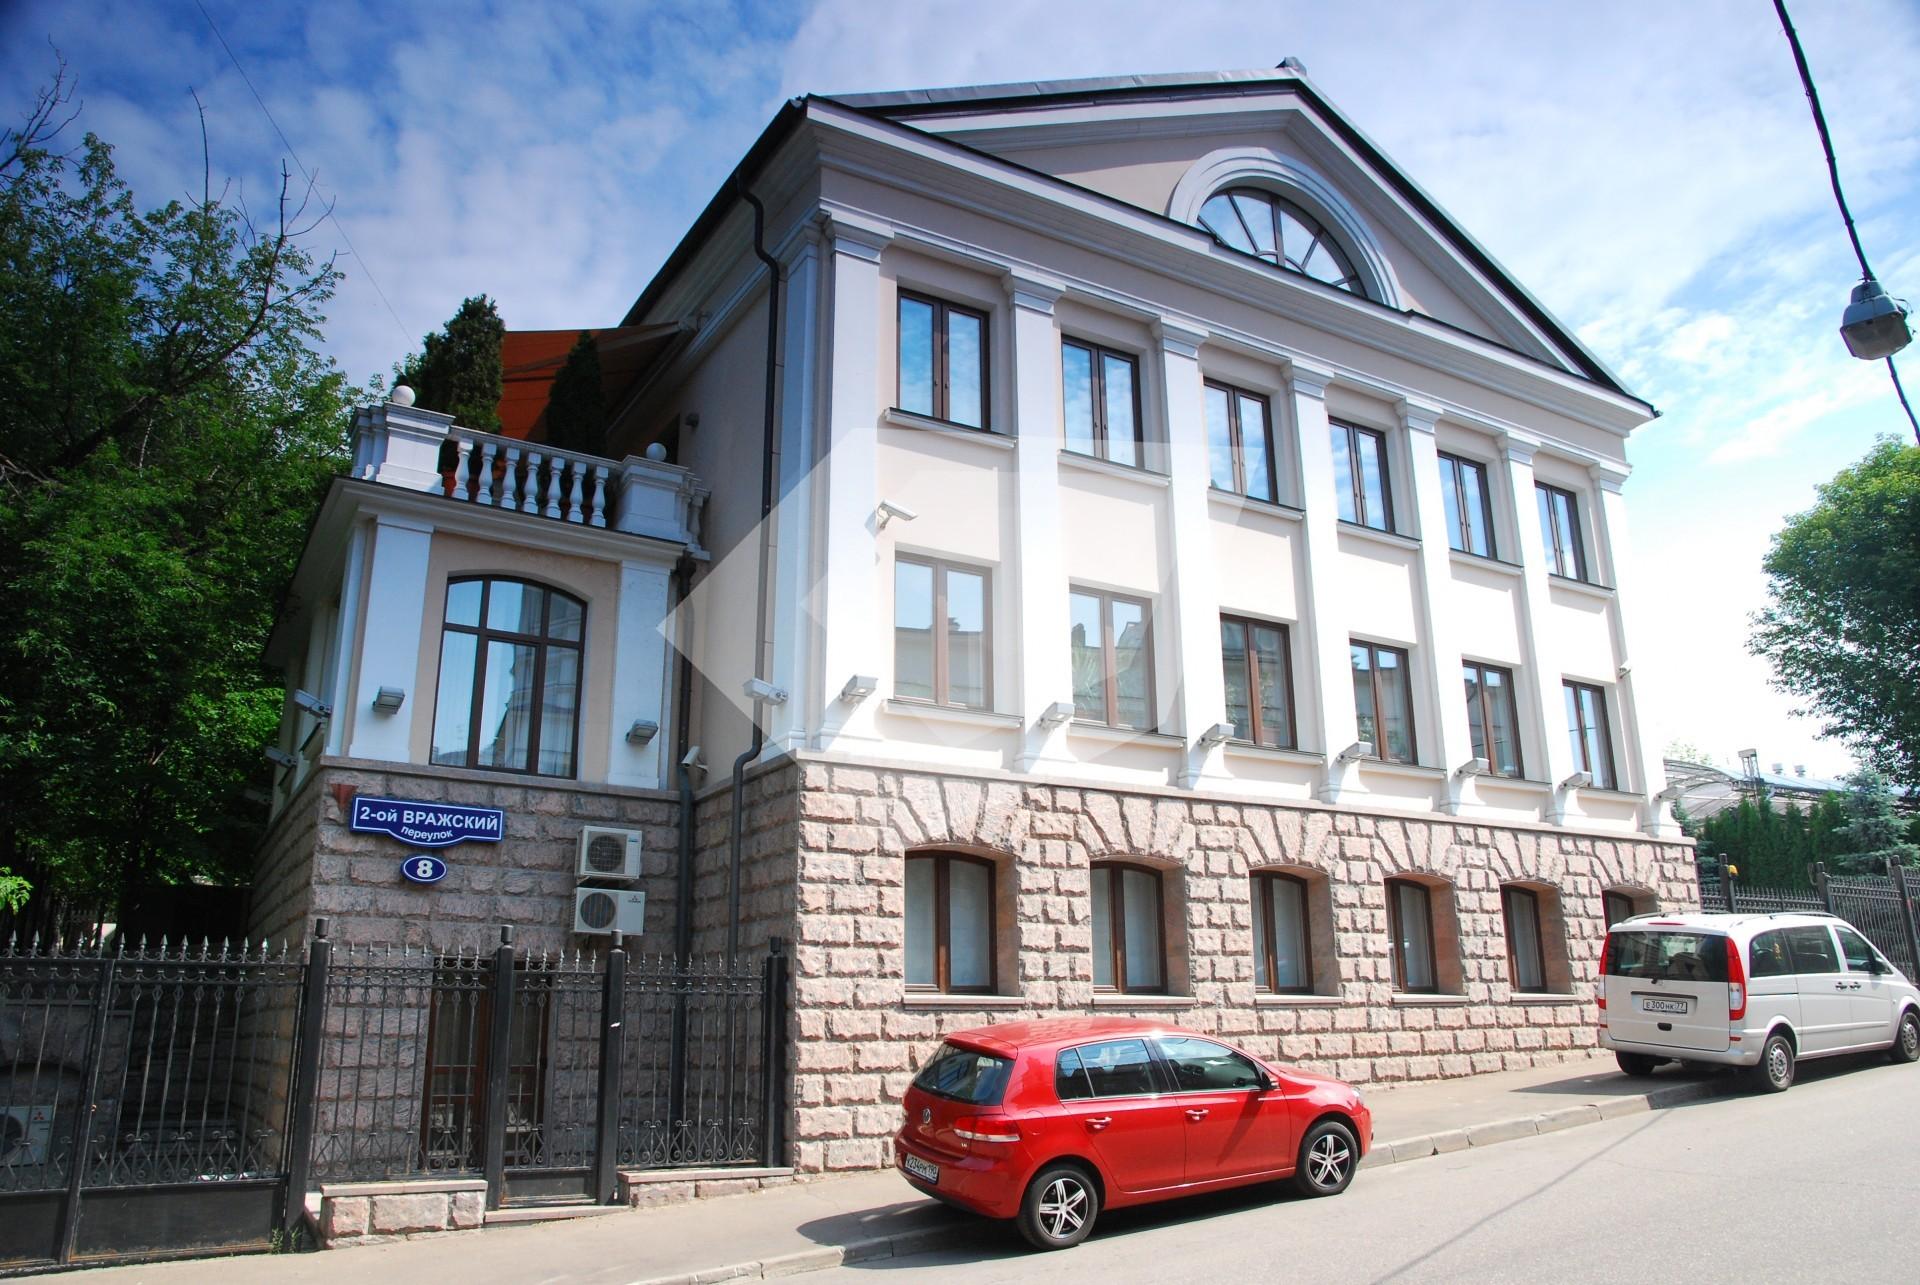 Аренда офисных помещений Вражский 2-й переулок аренда коммерческой недвижимости в самаре без посредников